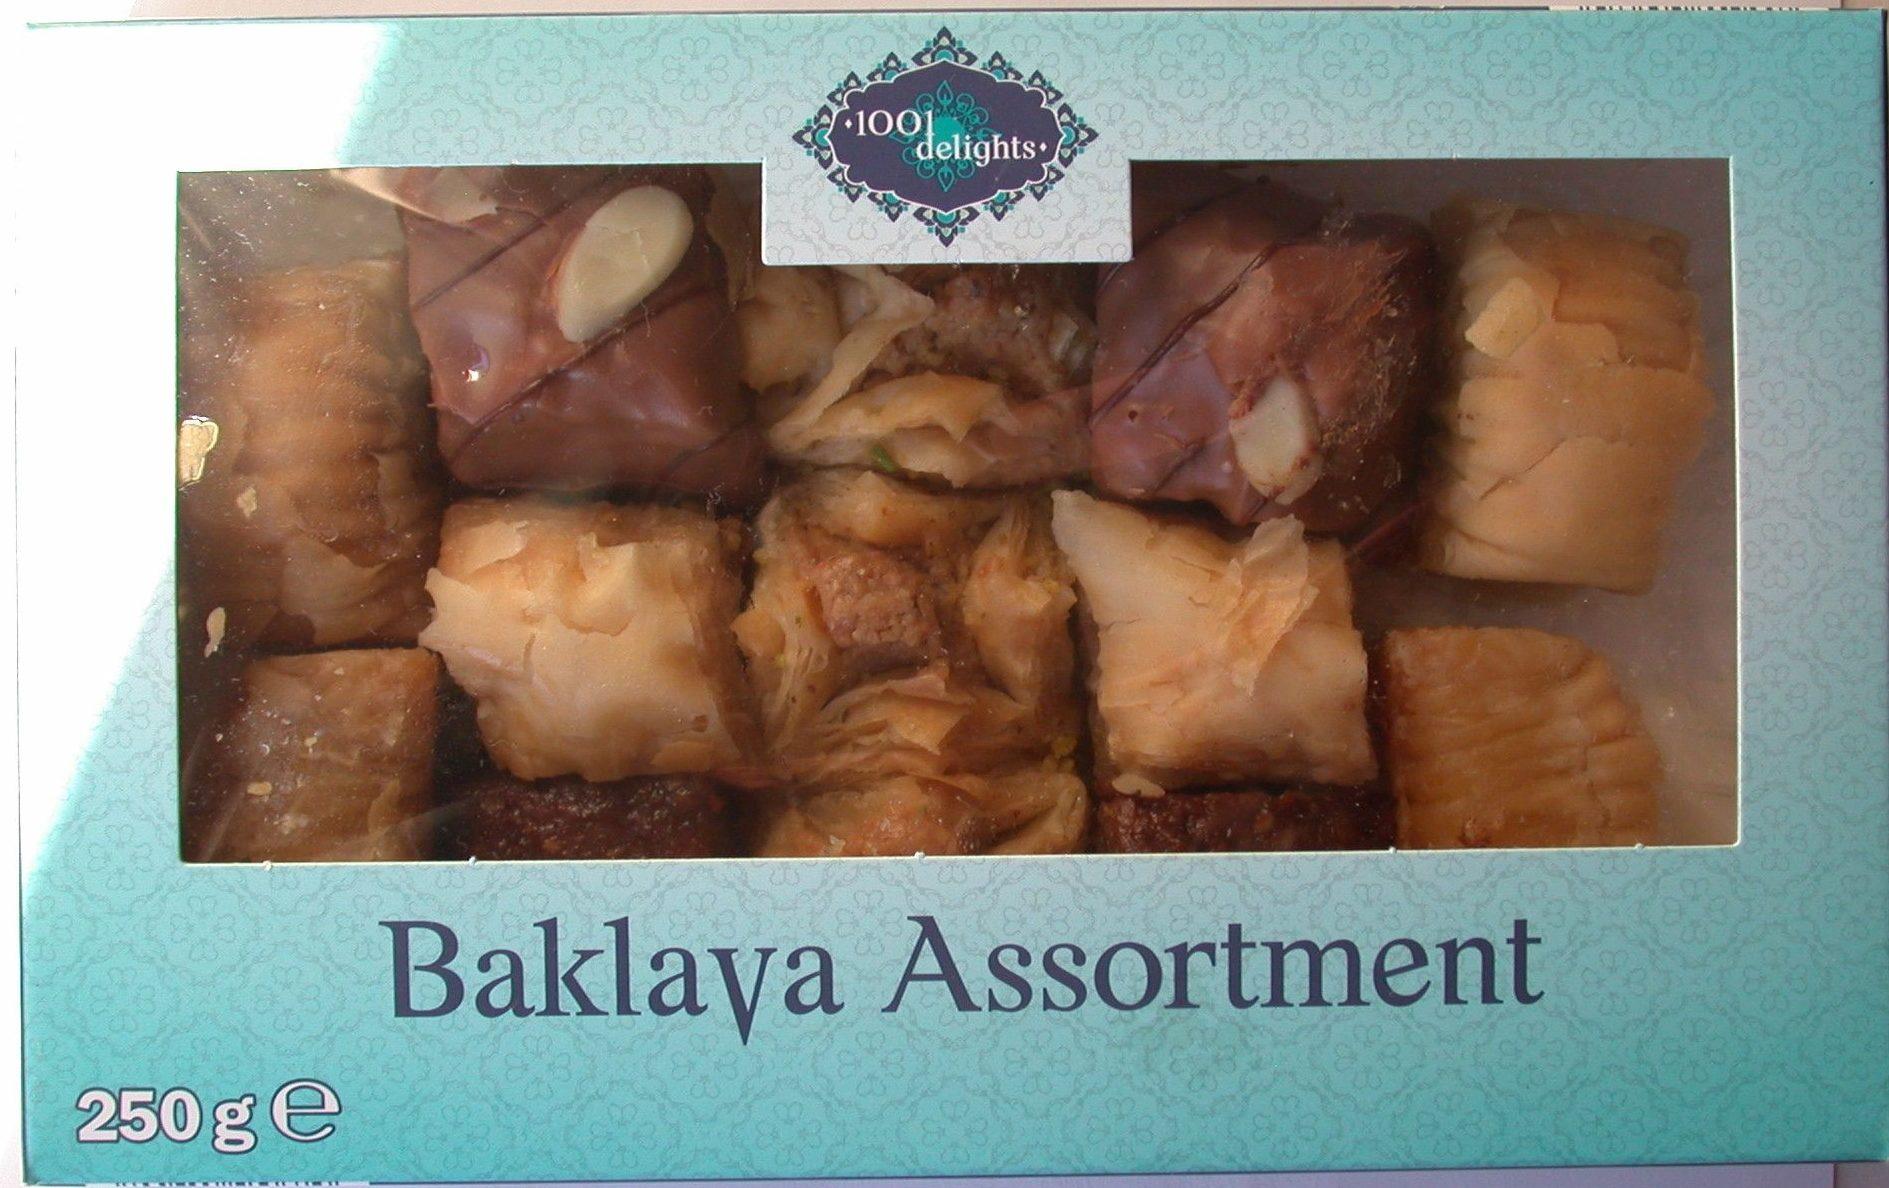 Baklava assortment - Product